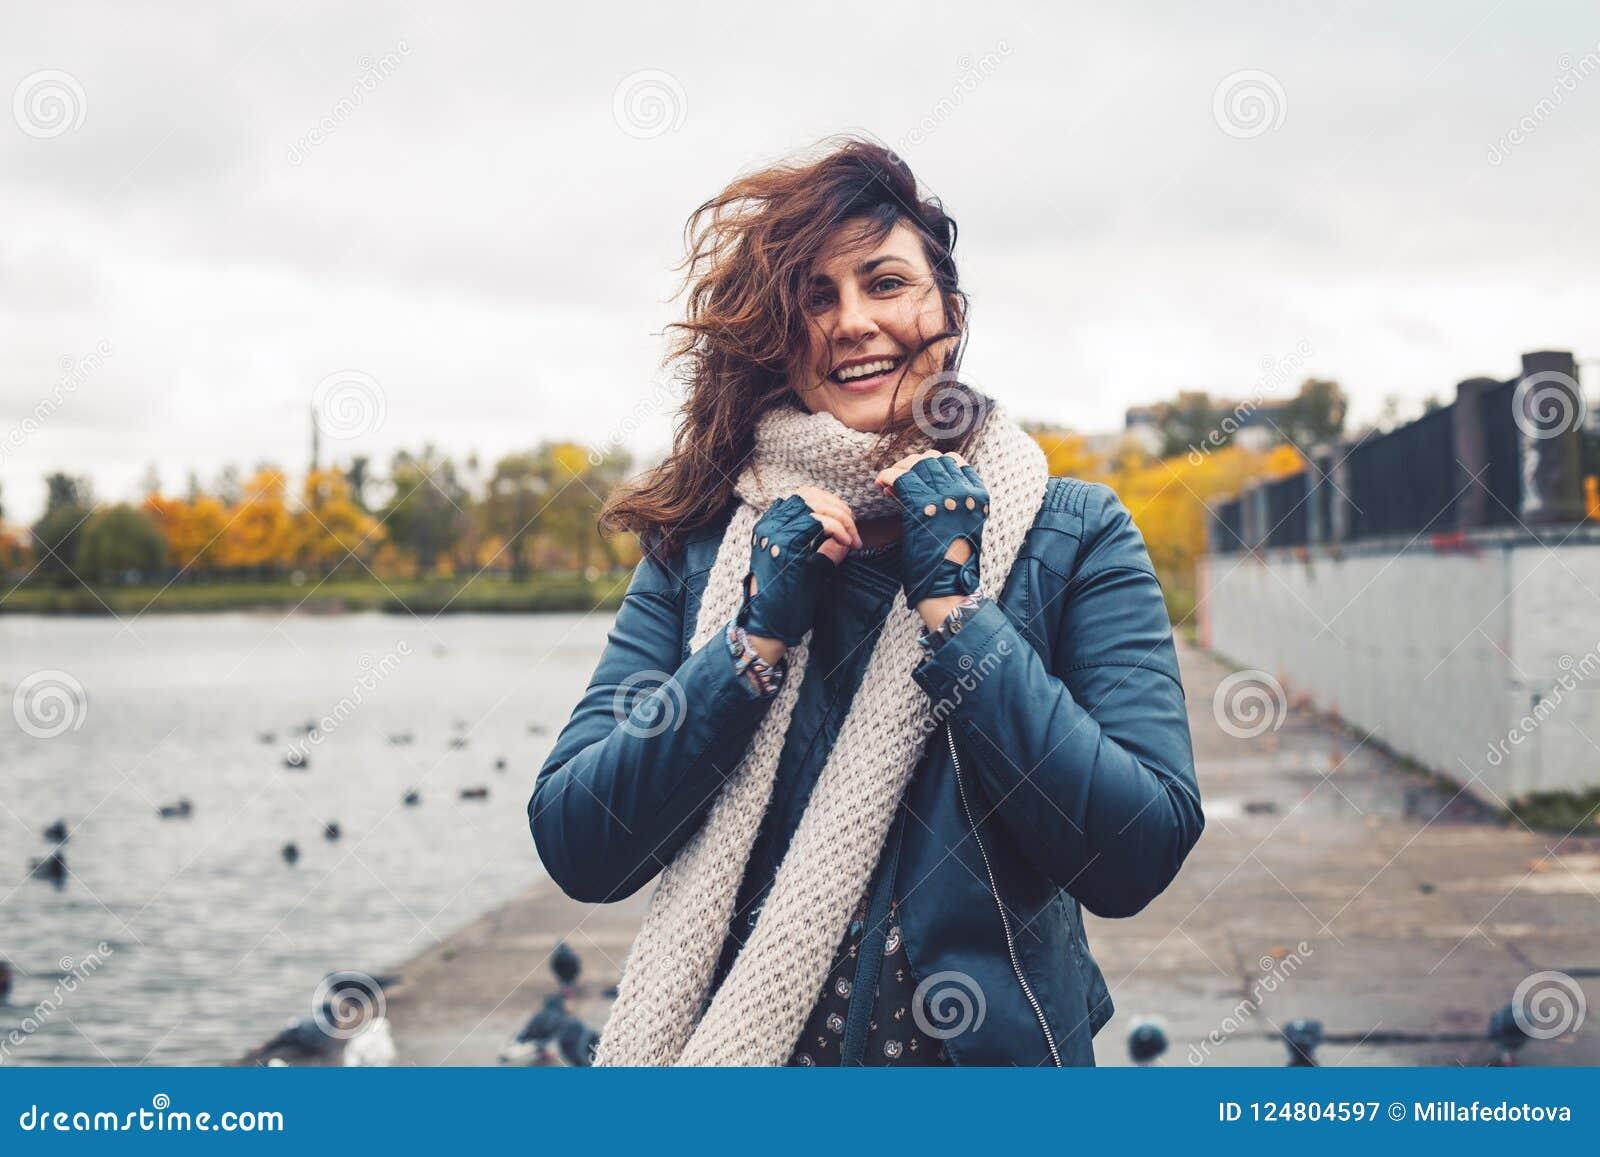 fde9cb1deb Glückliche Frau Draußen, Porträt Stockbild - Bild von baumuster ...